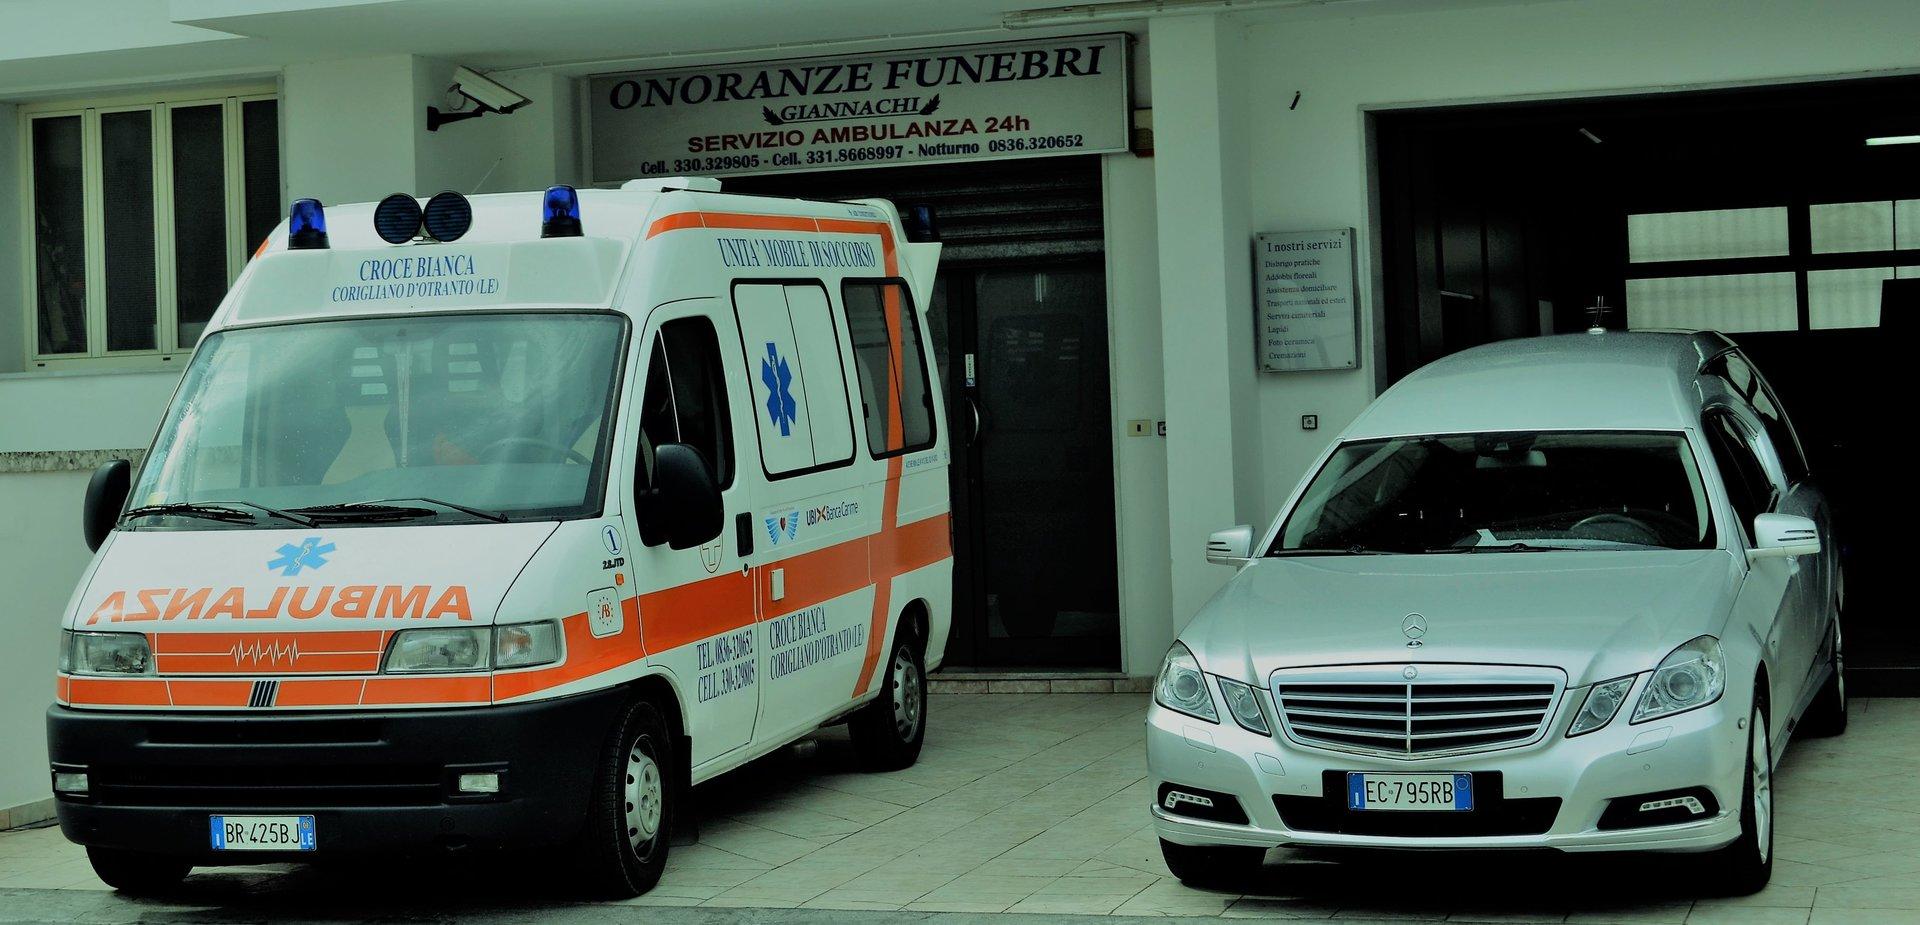 ambulanza e auto funebre